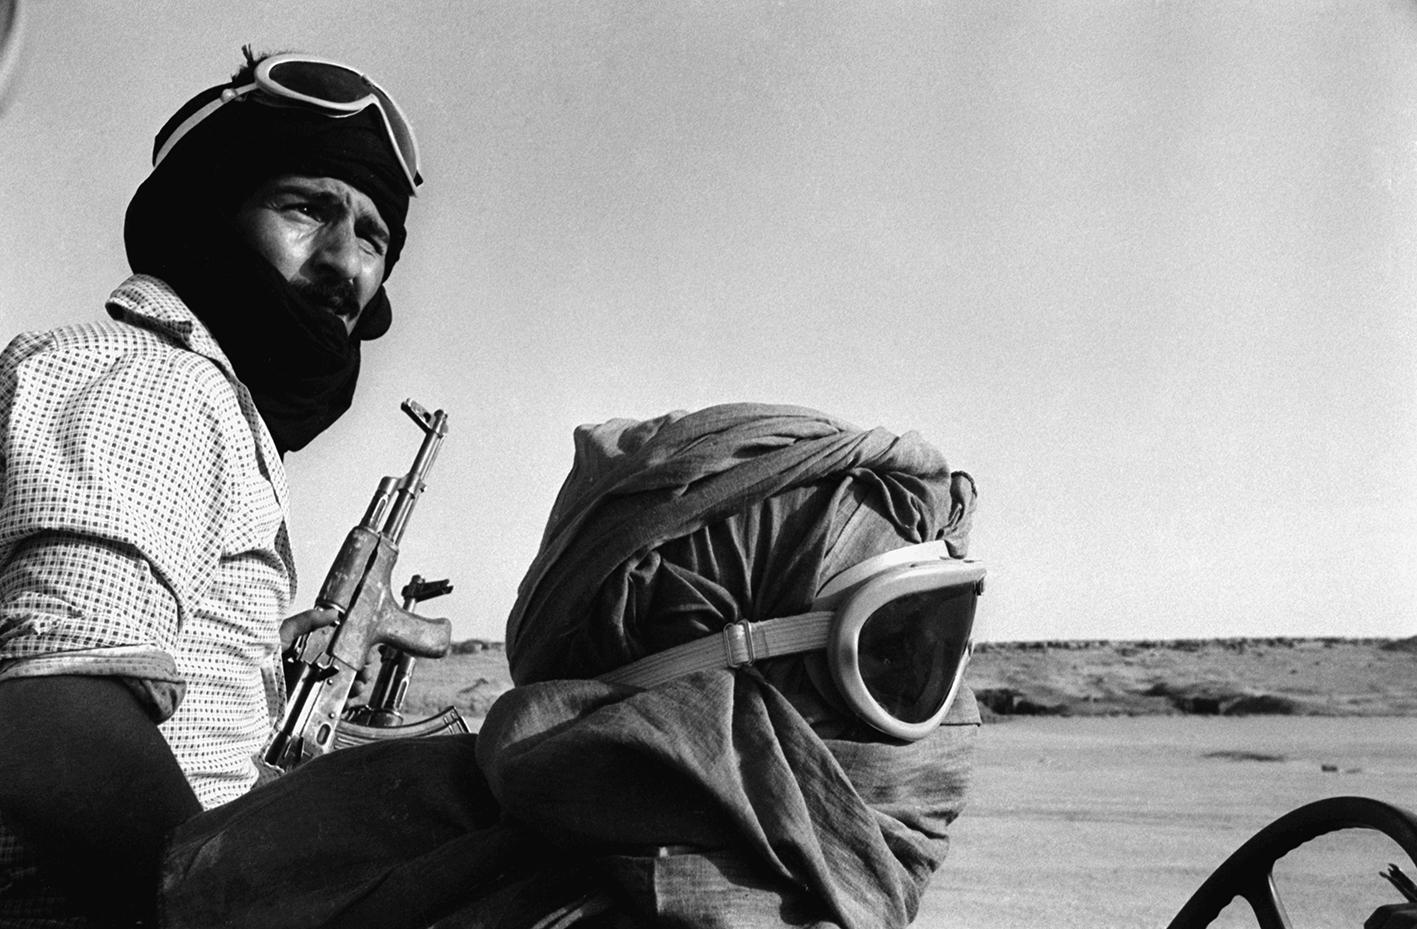 &#169Christine Spengler - Sahara Occidental, 1976. Guelta Zemmour.